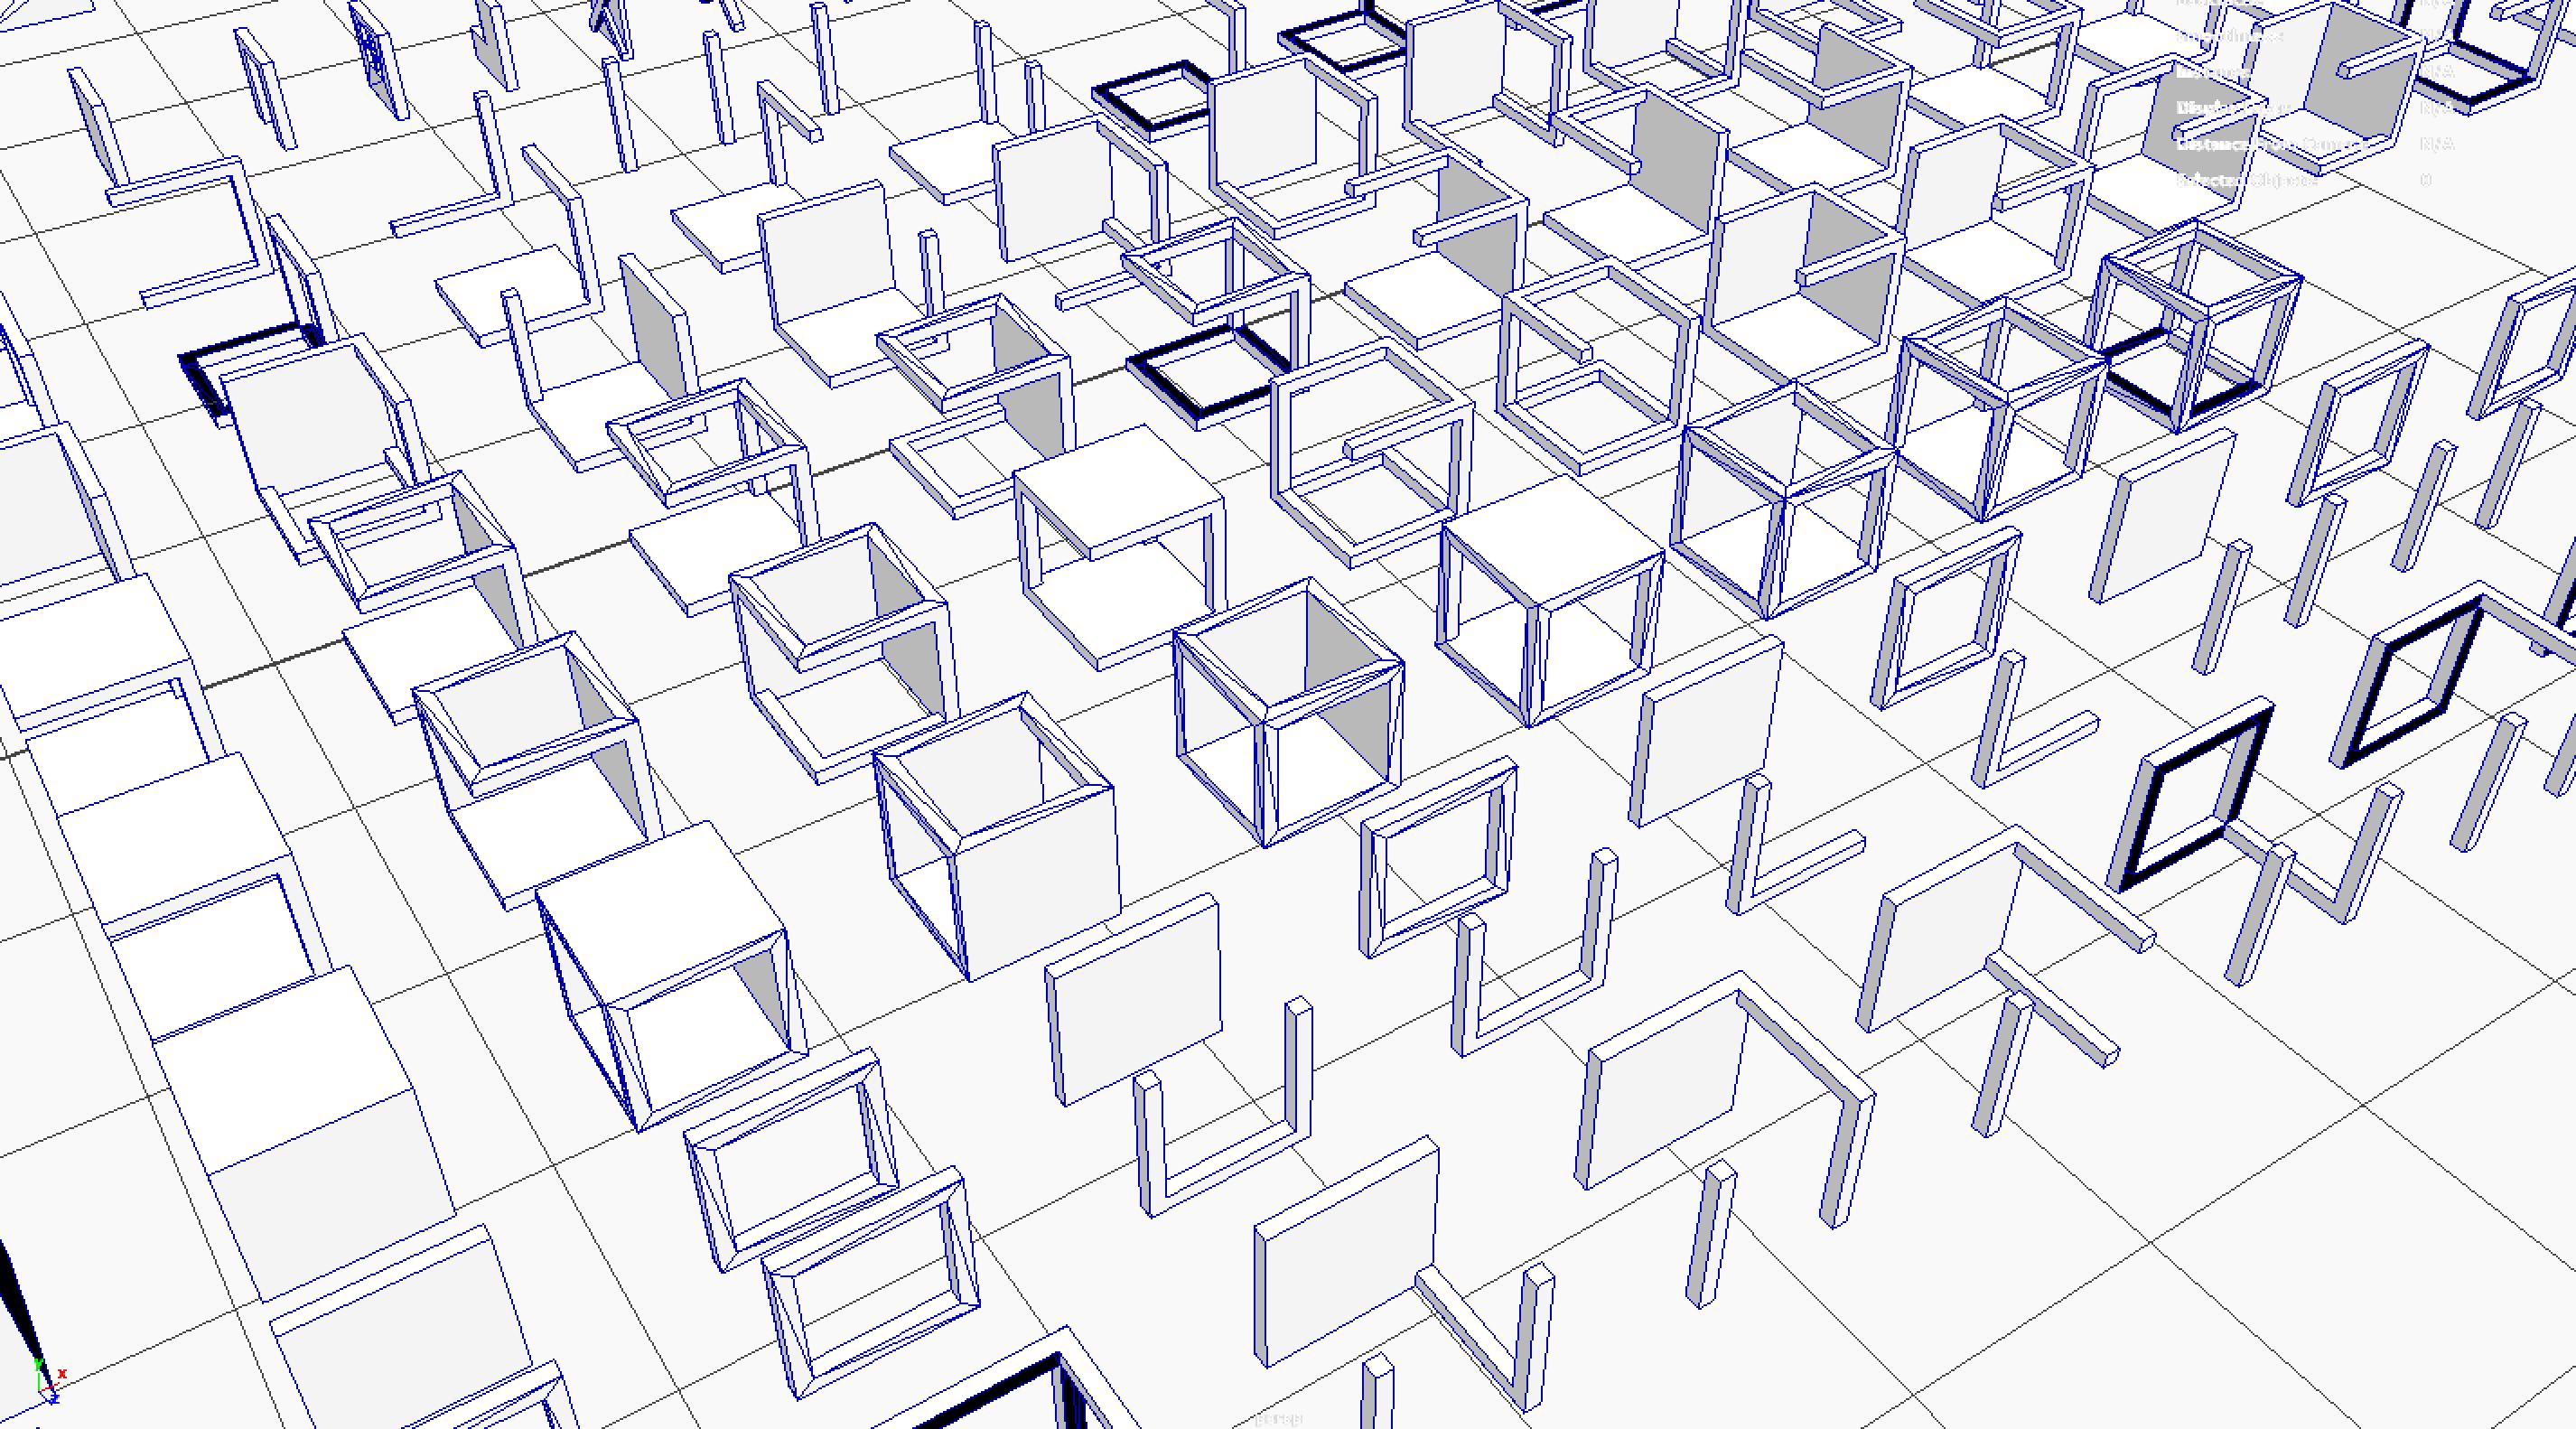 Art 314: 3D Modeling, Rendering, Animation